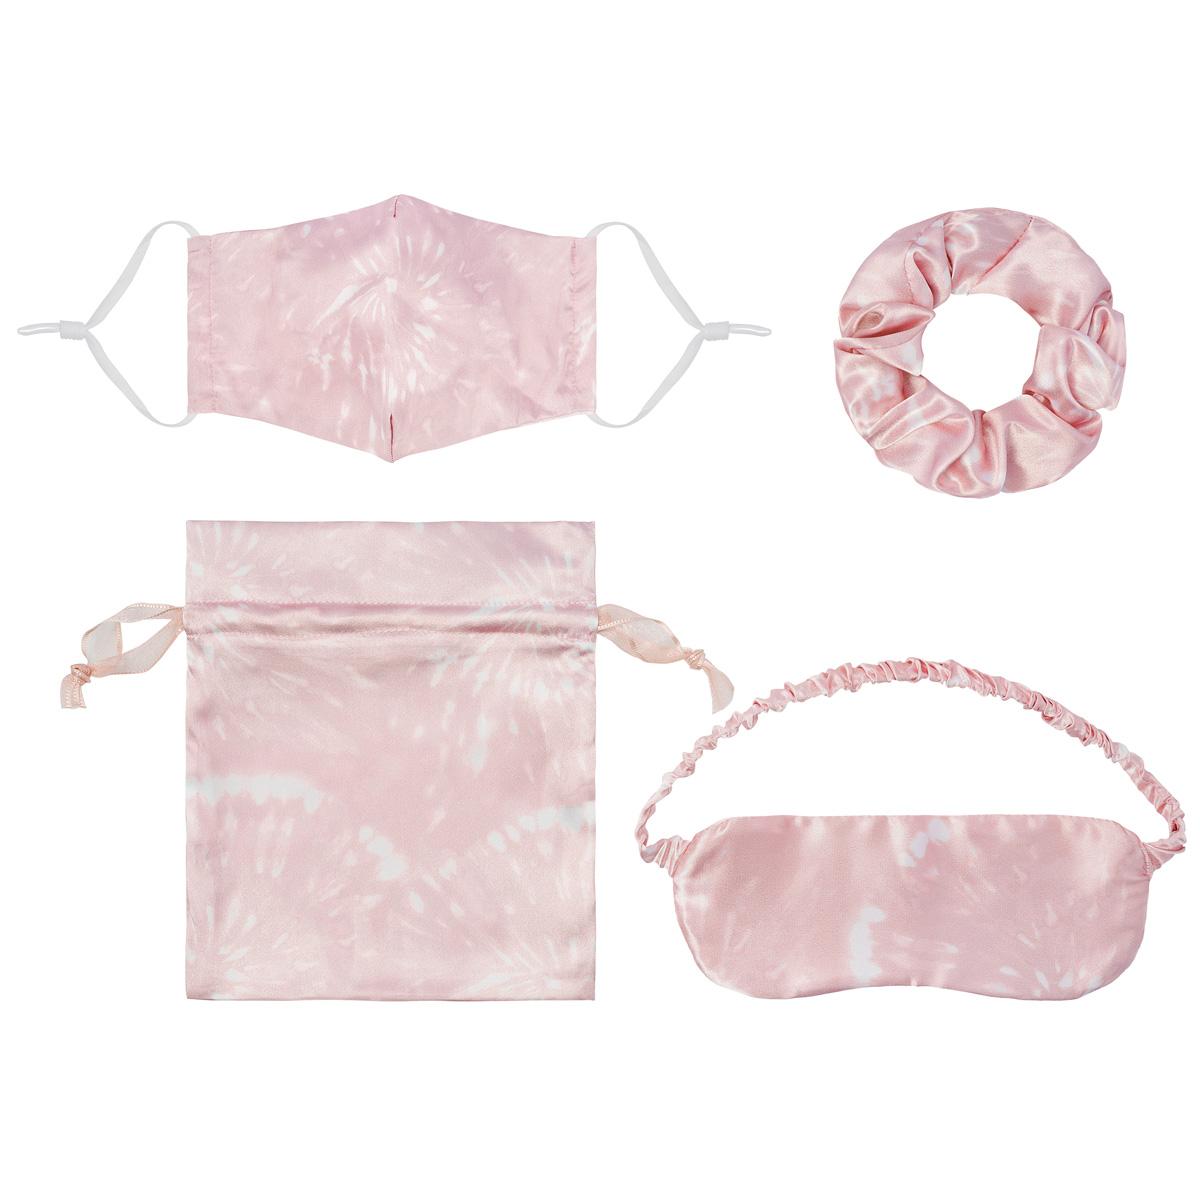 Setje Pink Suprise mondkapje scrunchie oogklepje setje met tasje cadeauset kopen bestellen